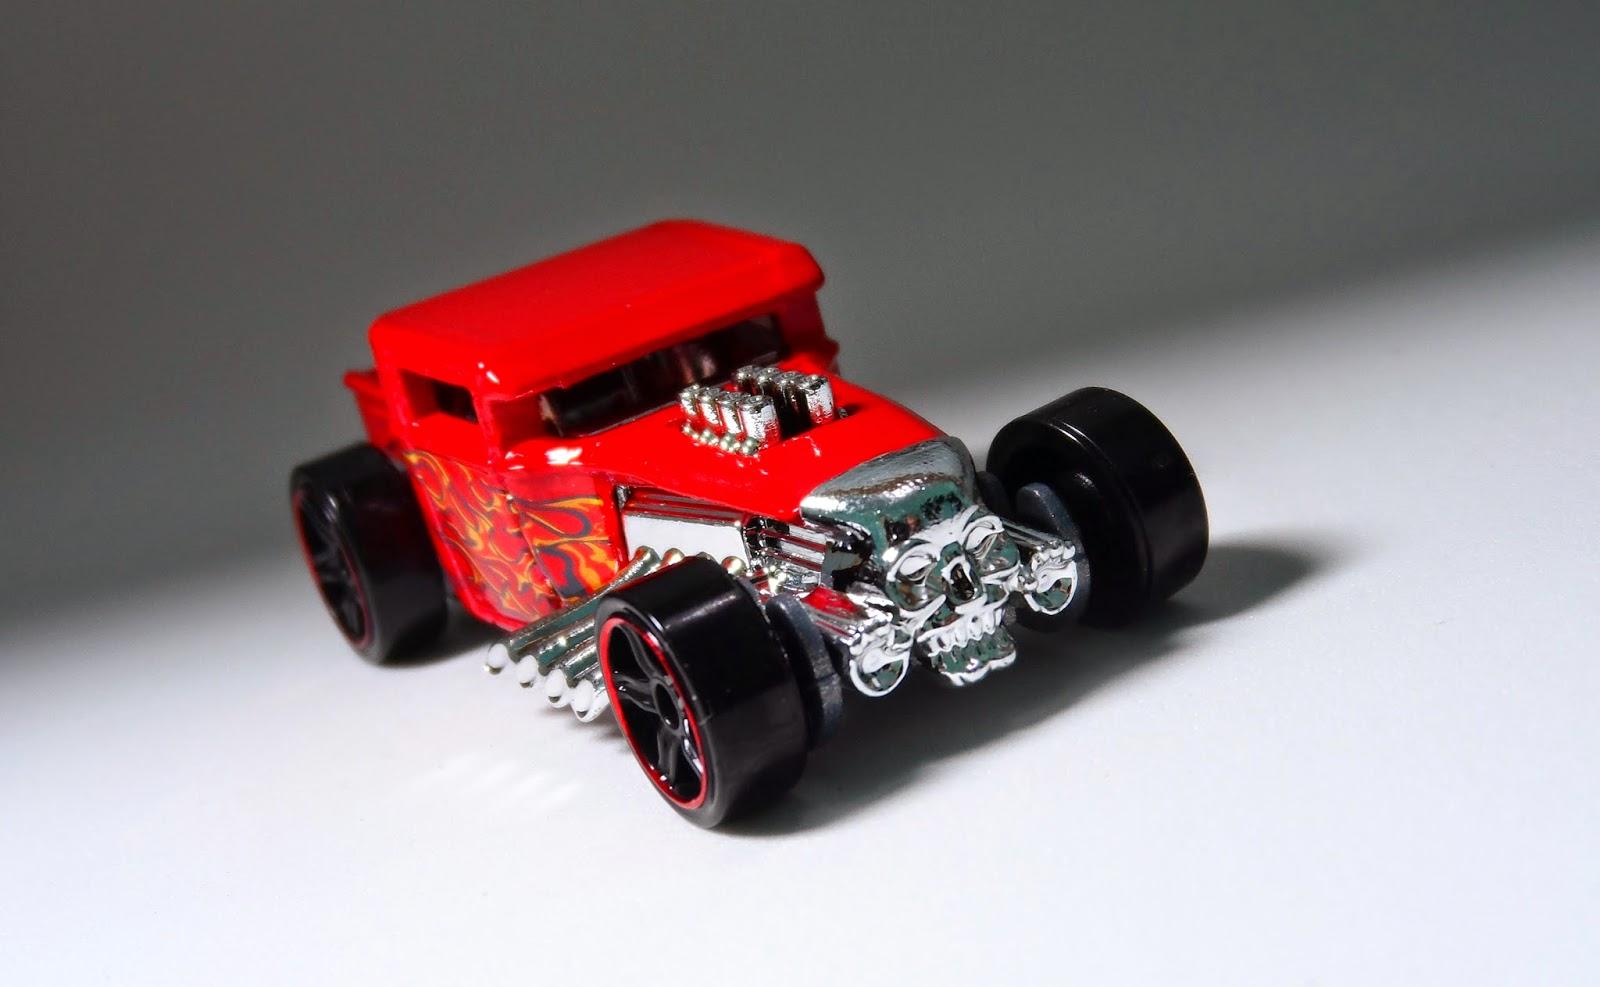 2001 F 150 Super Crew Cab Heater Core | Autos Post